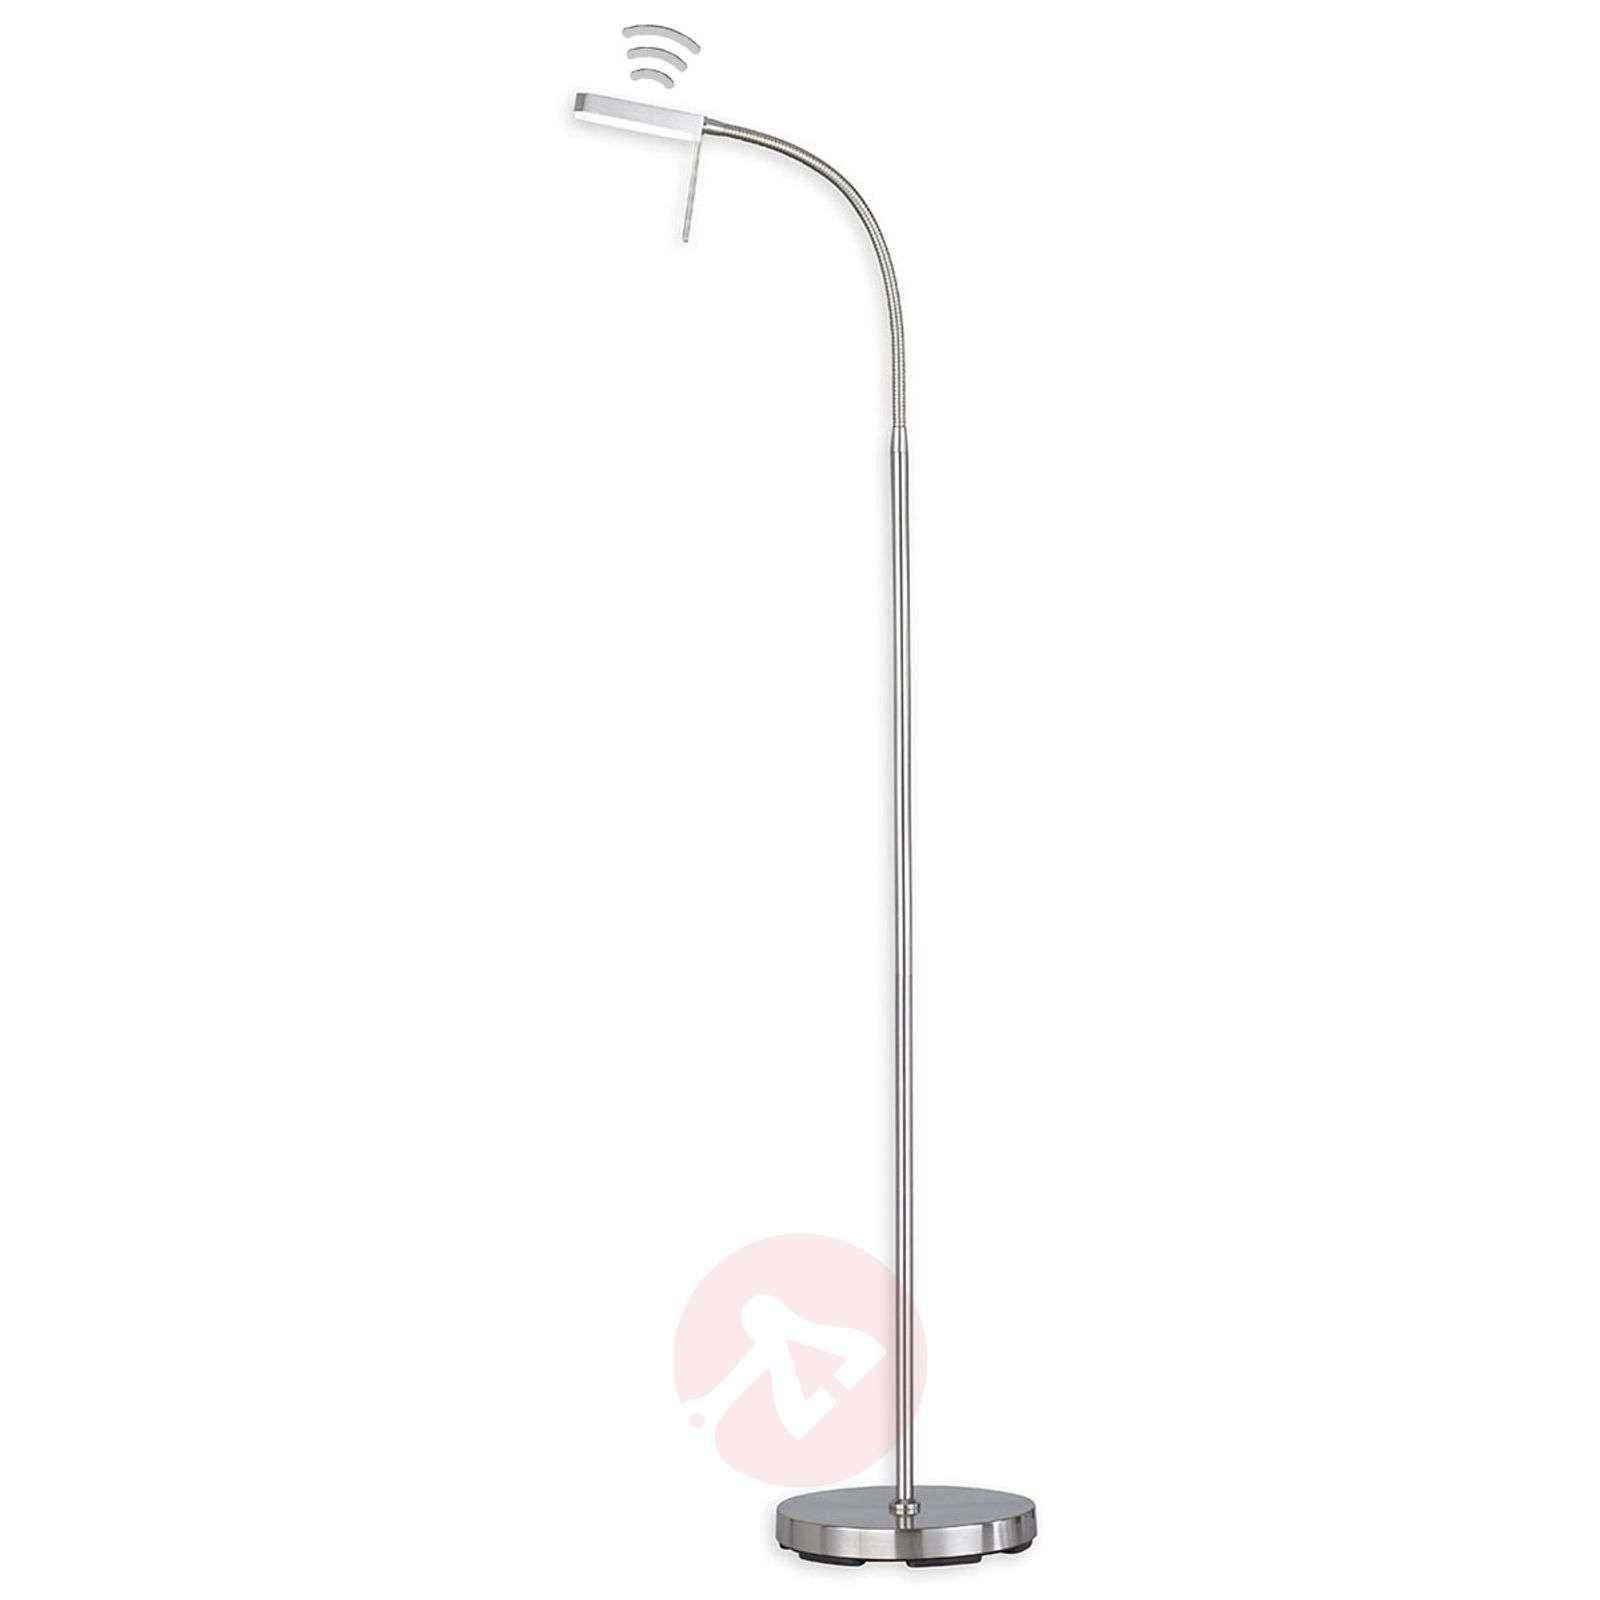 Korkeussäädettävä LED-lattiavalaisin Raik-4581370-01